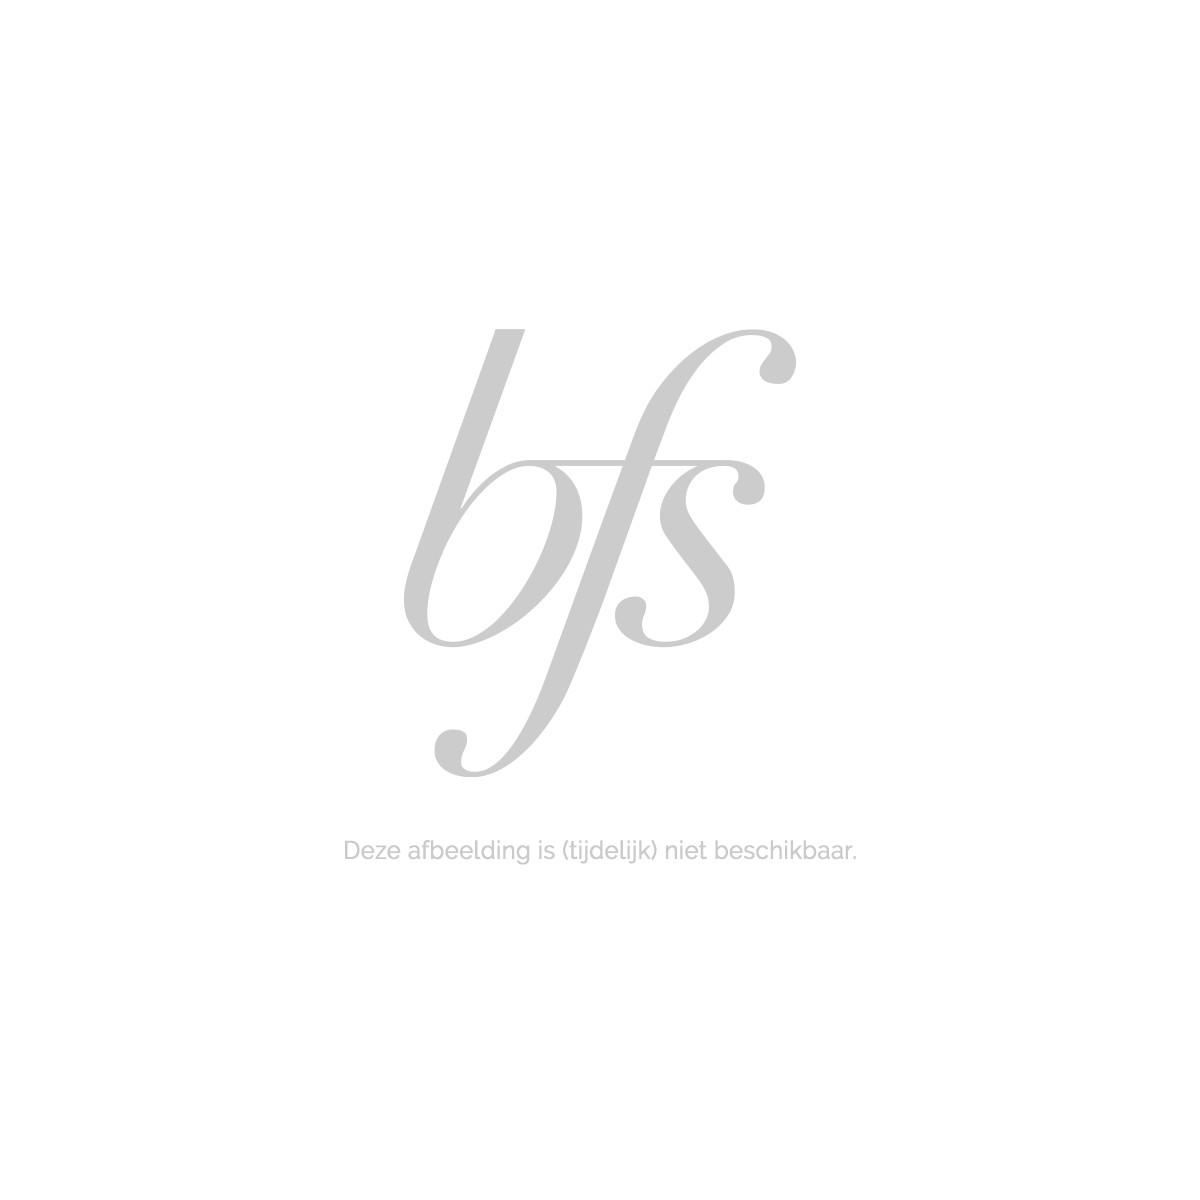 Givenchy Dahlia Divin Eau de Toilette 30 ml